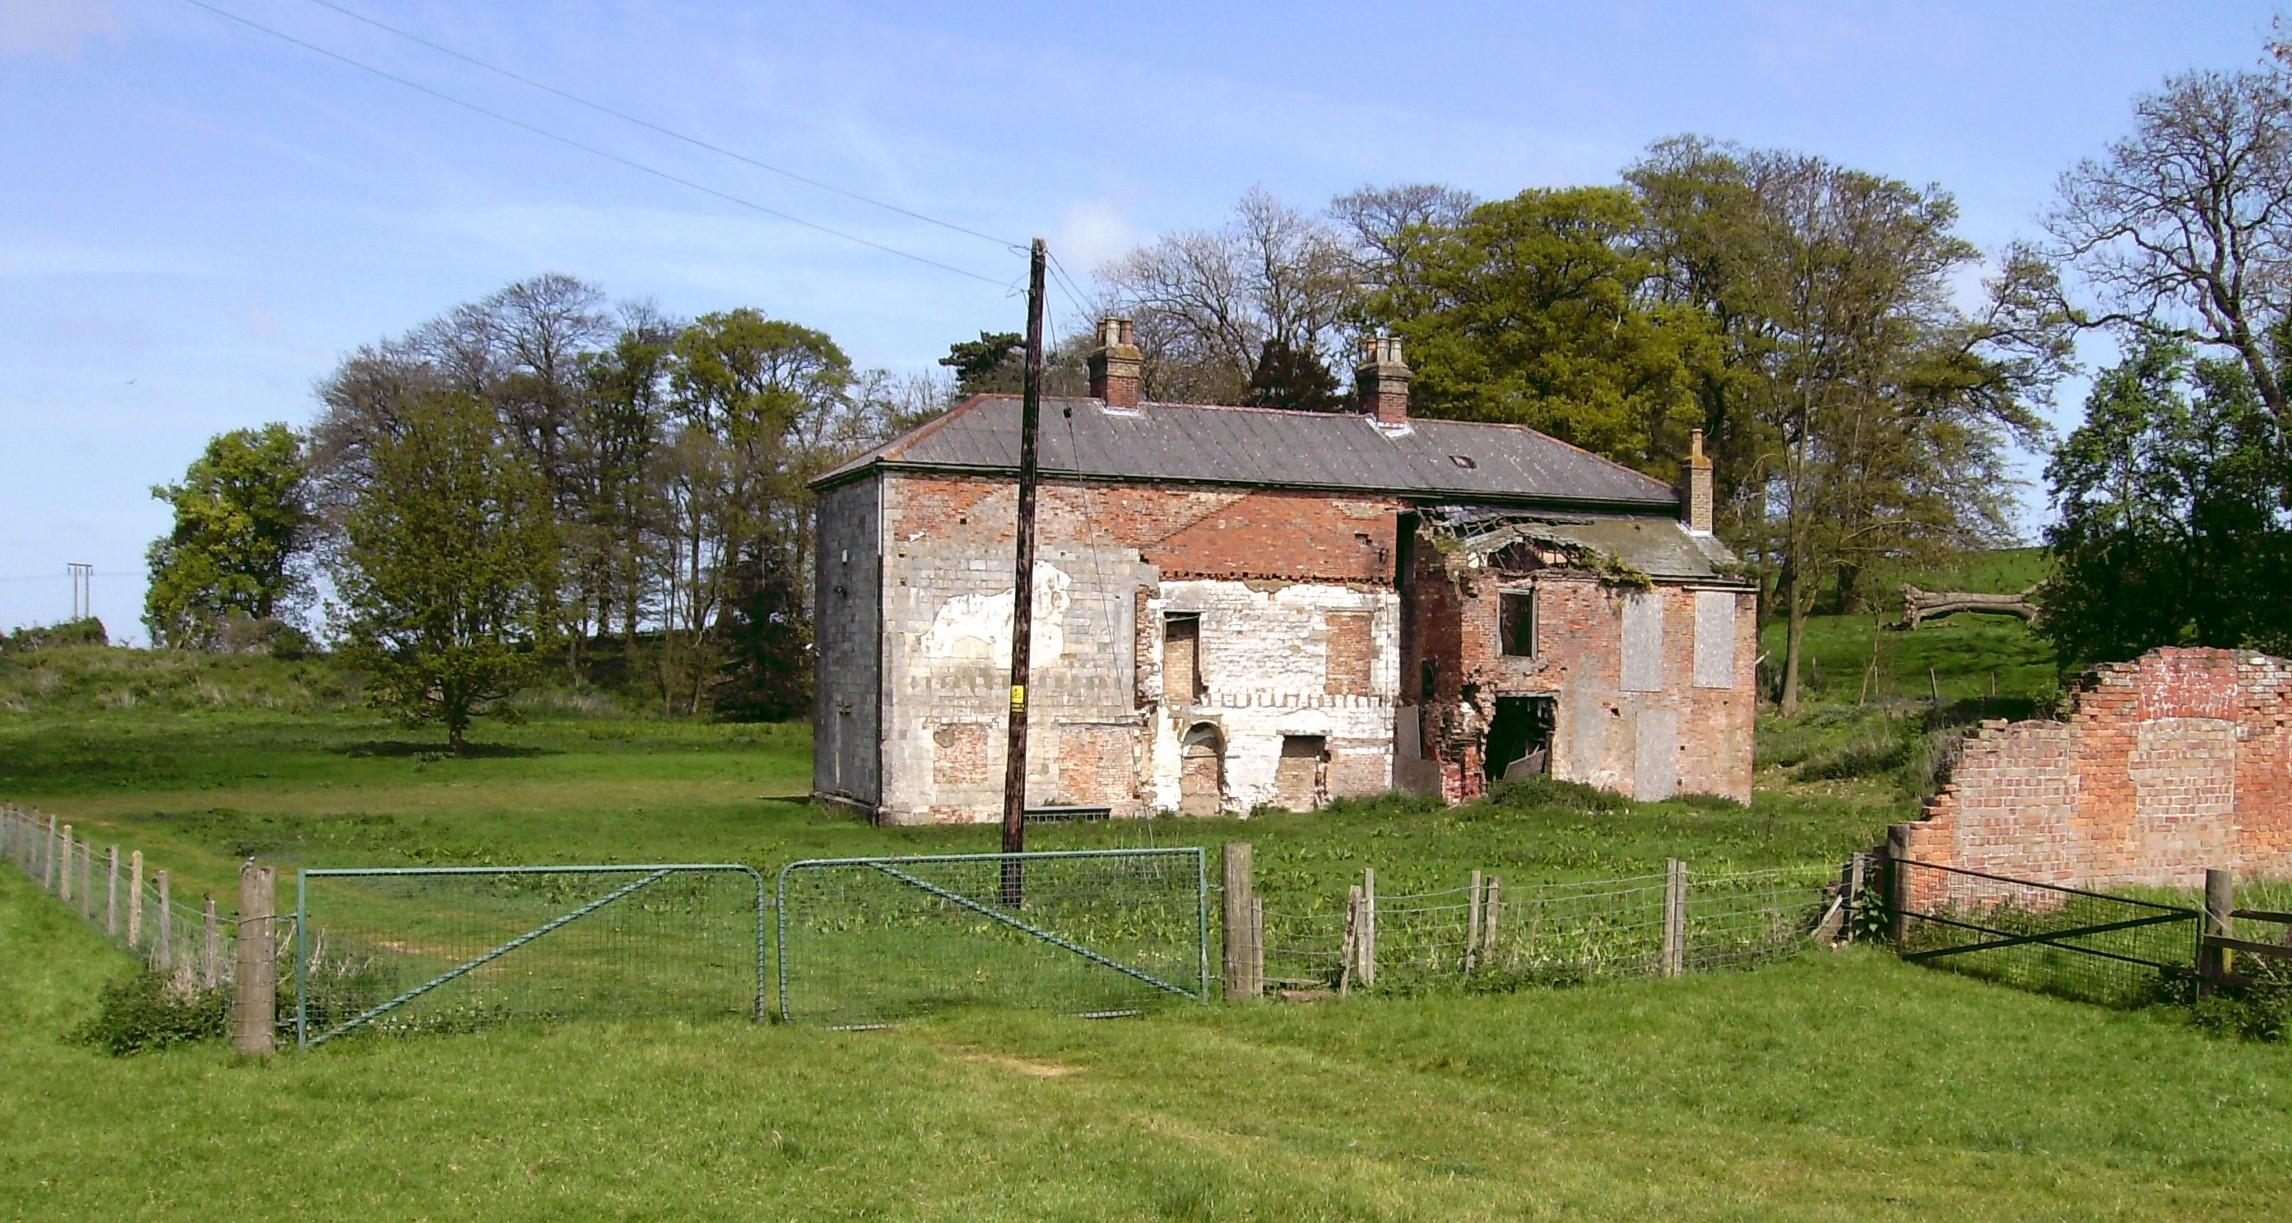 Cadeby Hall 2008, reverse